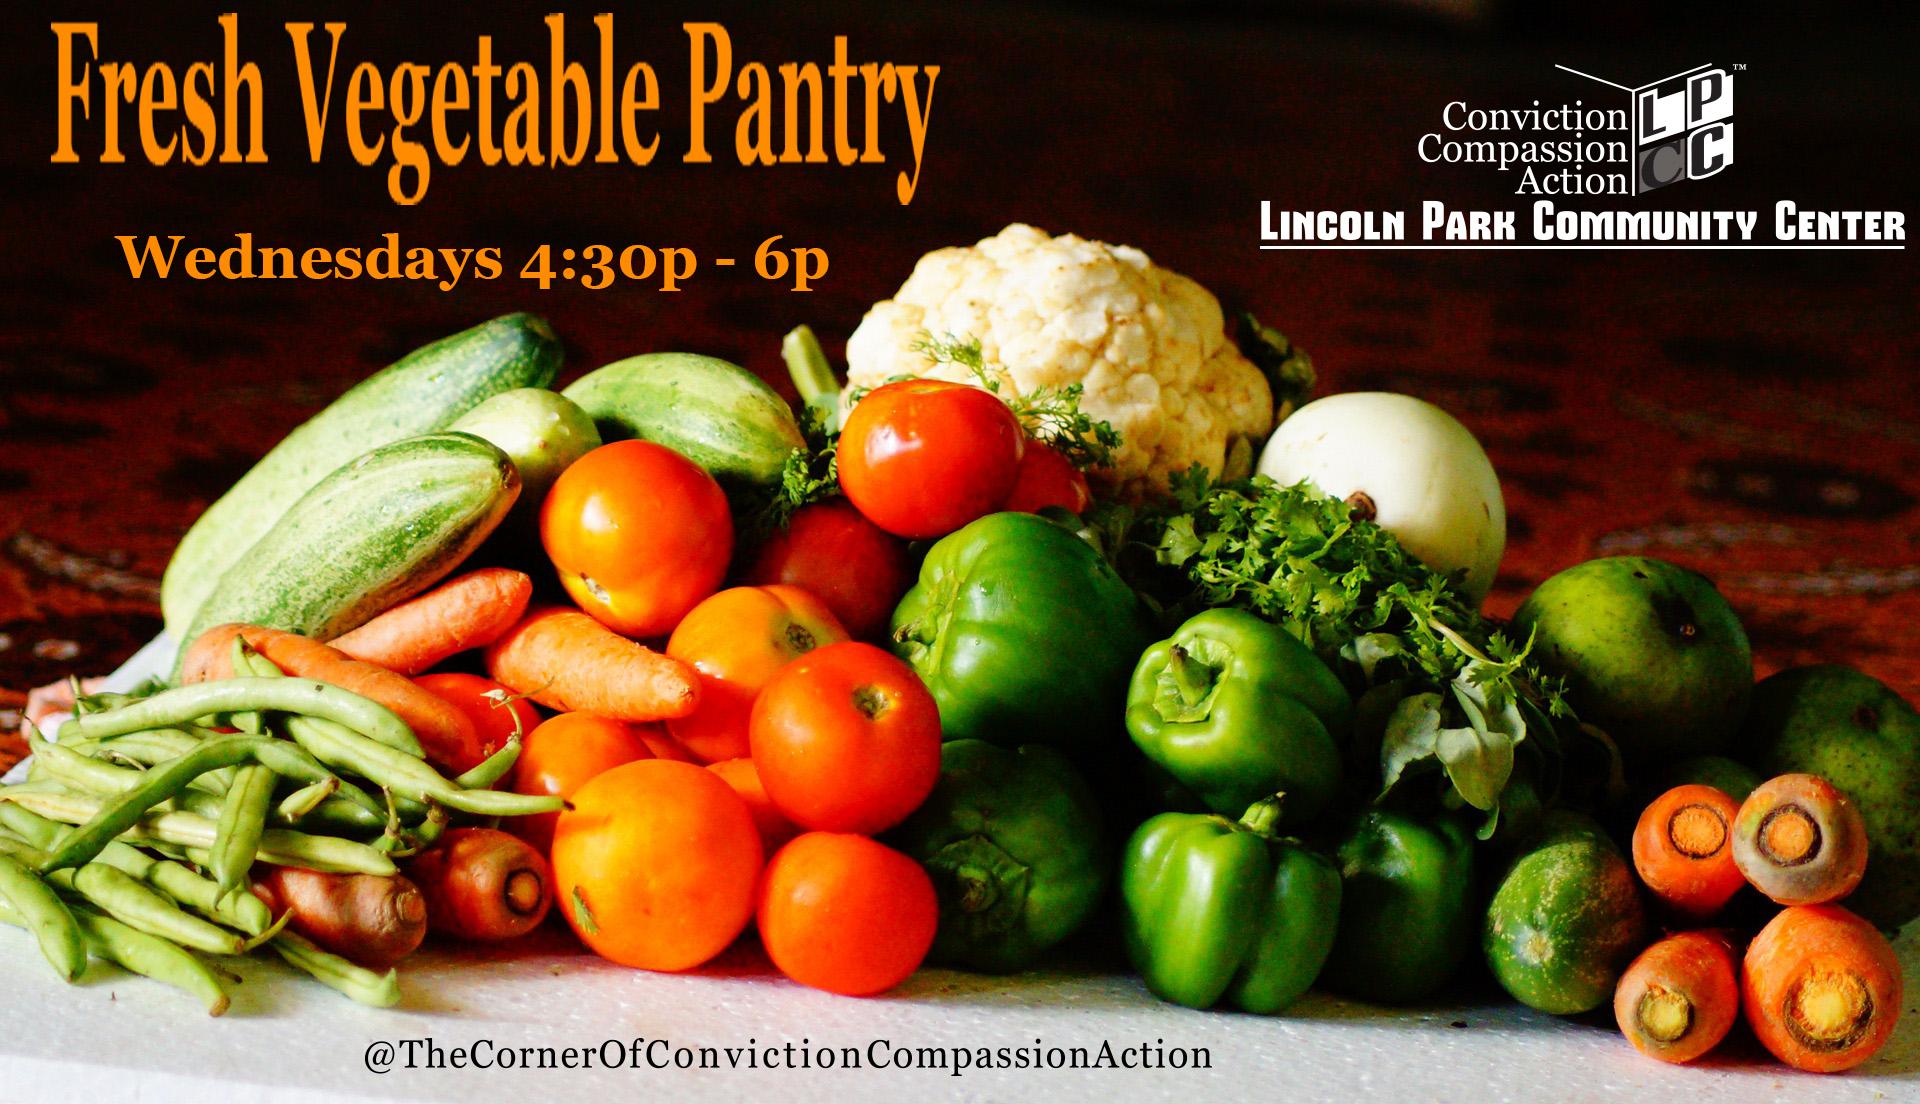 Weekly Fresh Vegetable Pantry